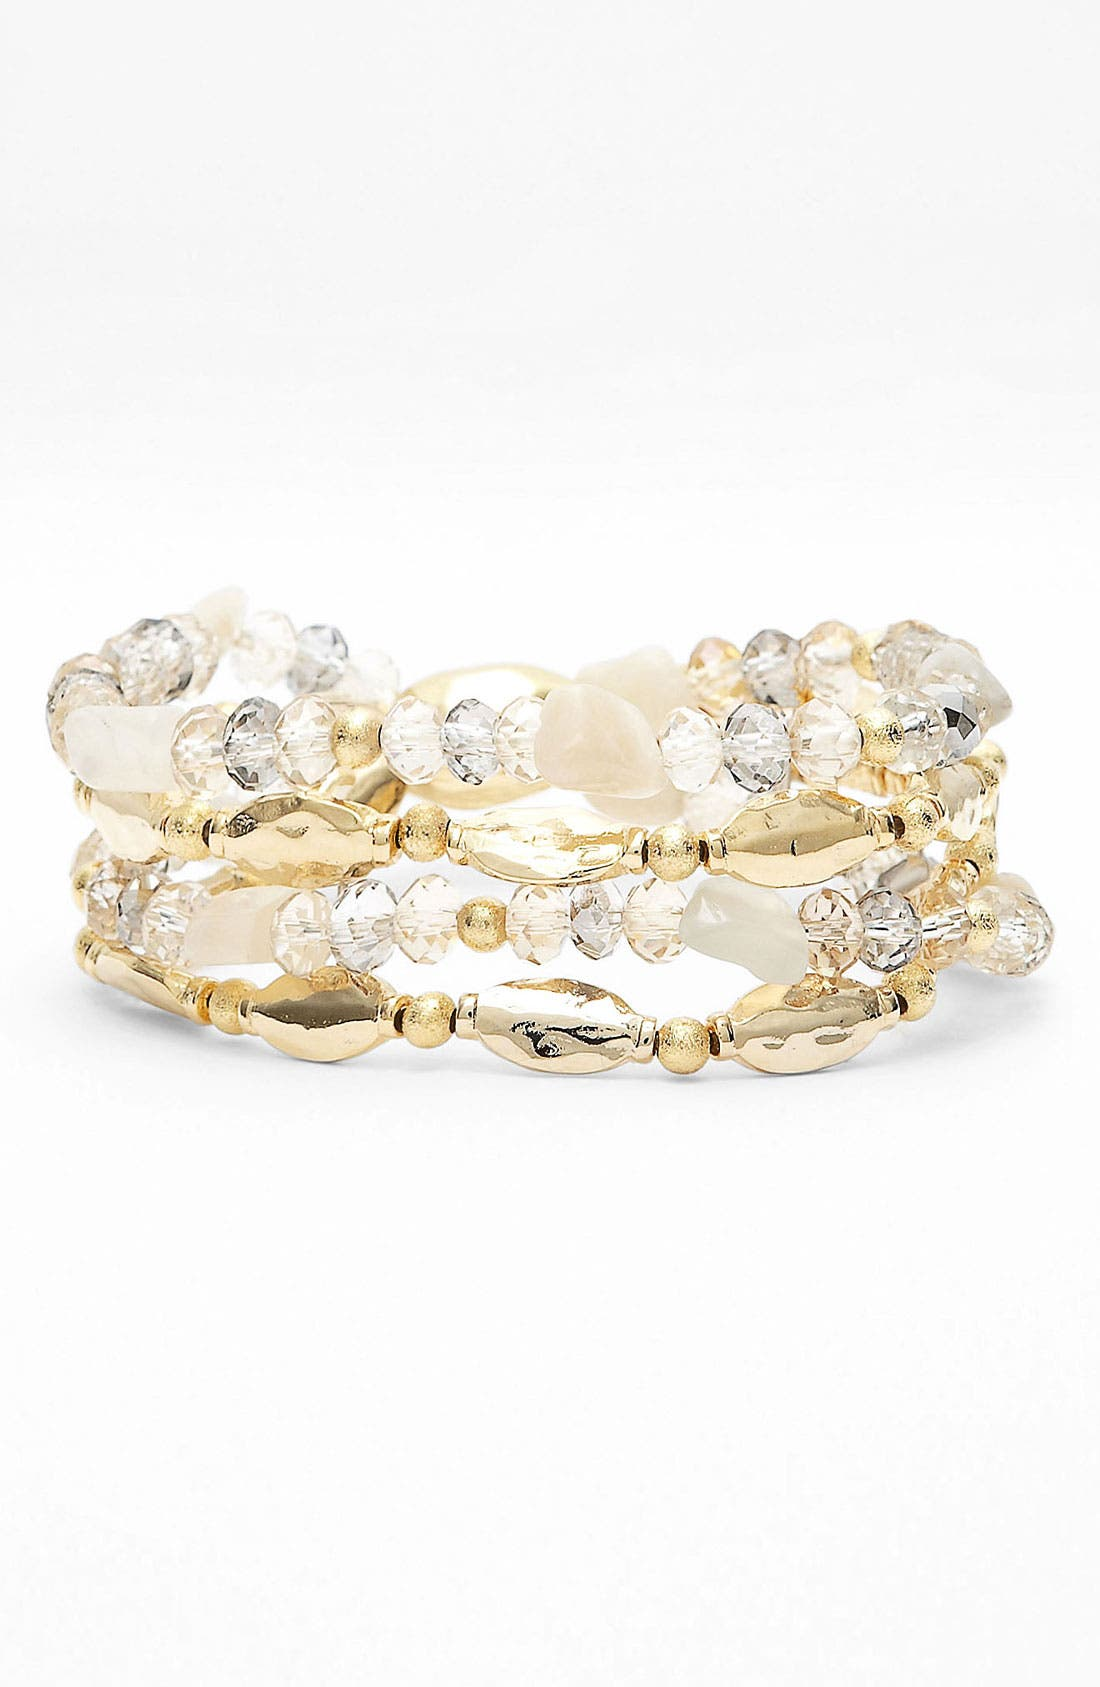 Alternate Image 1 Selected - Nordstrom 'Sand Dollar' Bead Stretch Bracelets (Set of 4)